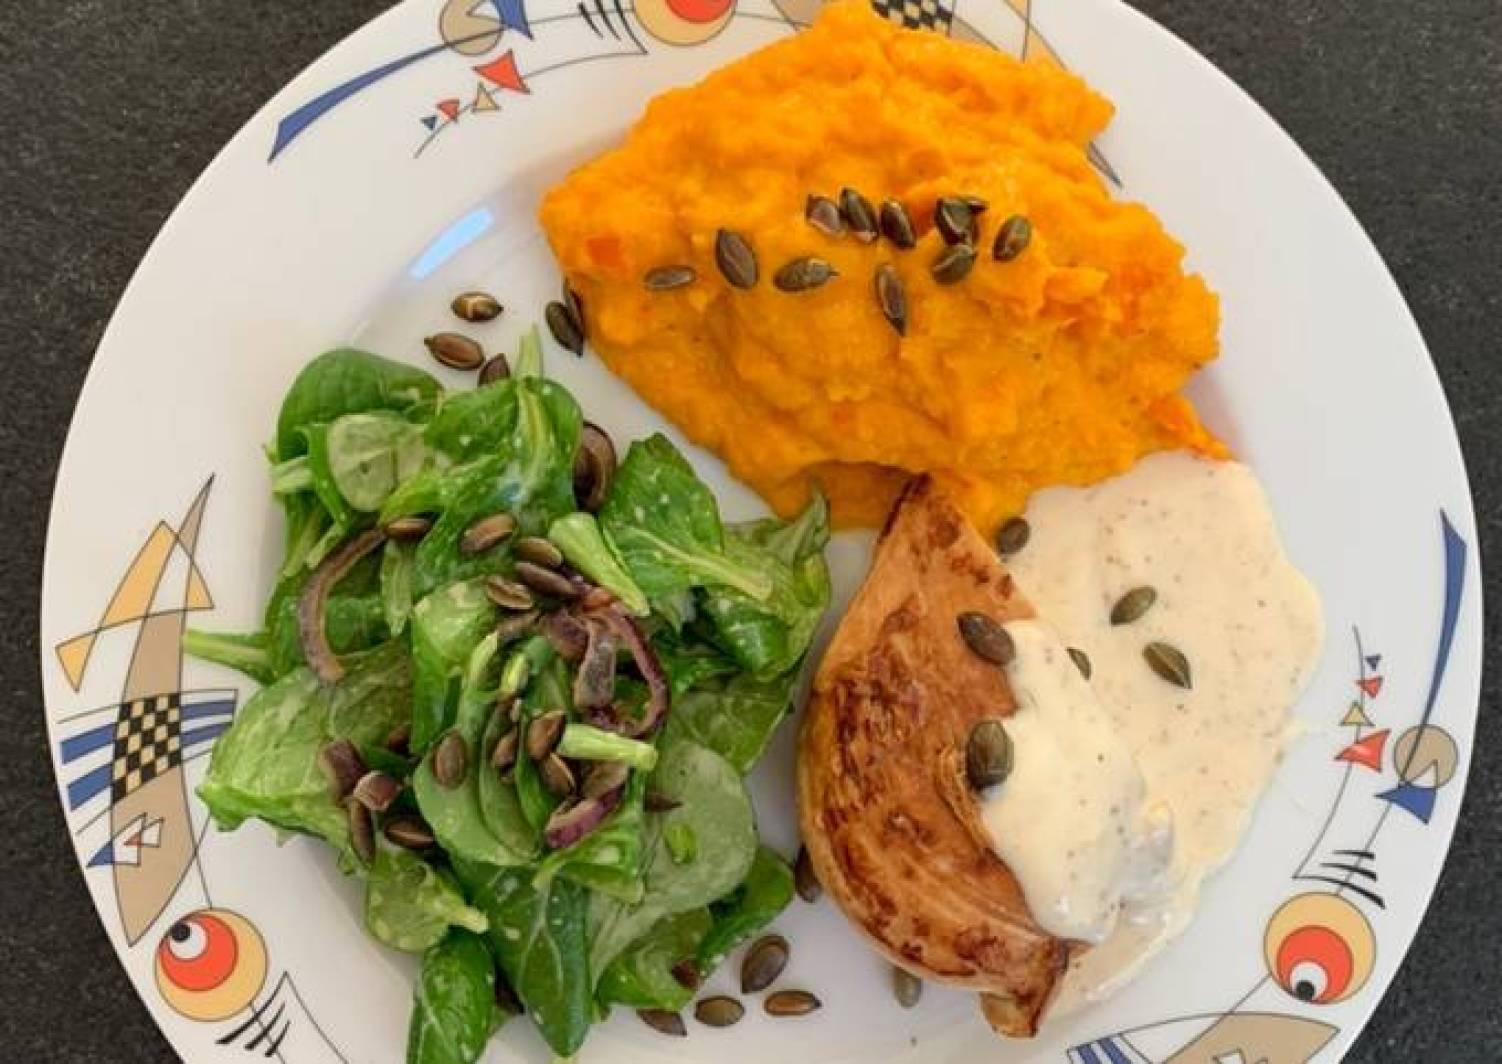 Honig-Senf-Hähnchen mit Kürbispüree und Feldsalat